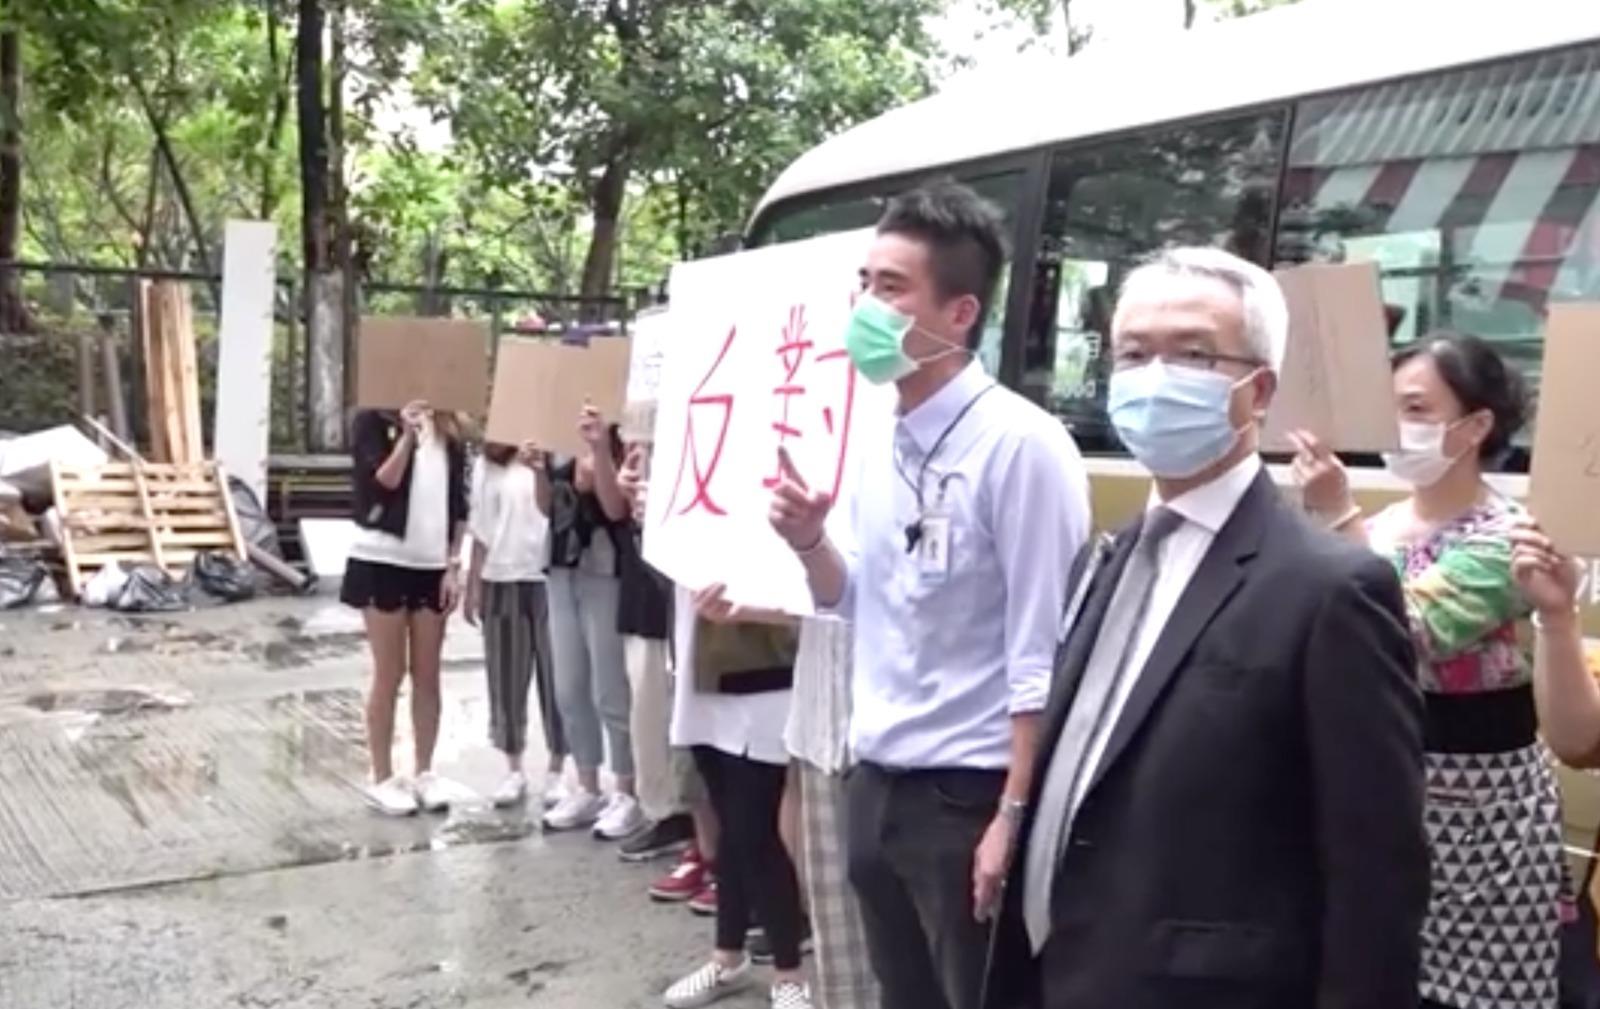 7名「內地核酸檢測支援隊」先遣隊員4日上午,到大埔工業村的「華大基因香港研發中心」,再到華昇診斷中心。期間,遭到大埔區議員及市民抗議,反對華昇診斷中心罔顧公共衞生及居民安全在大埔設立「火眼實驗室」。(影片截圖)